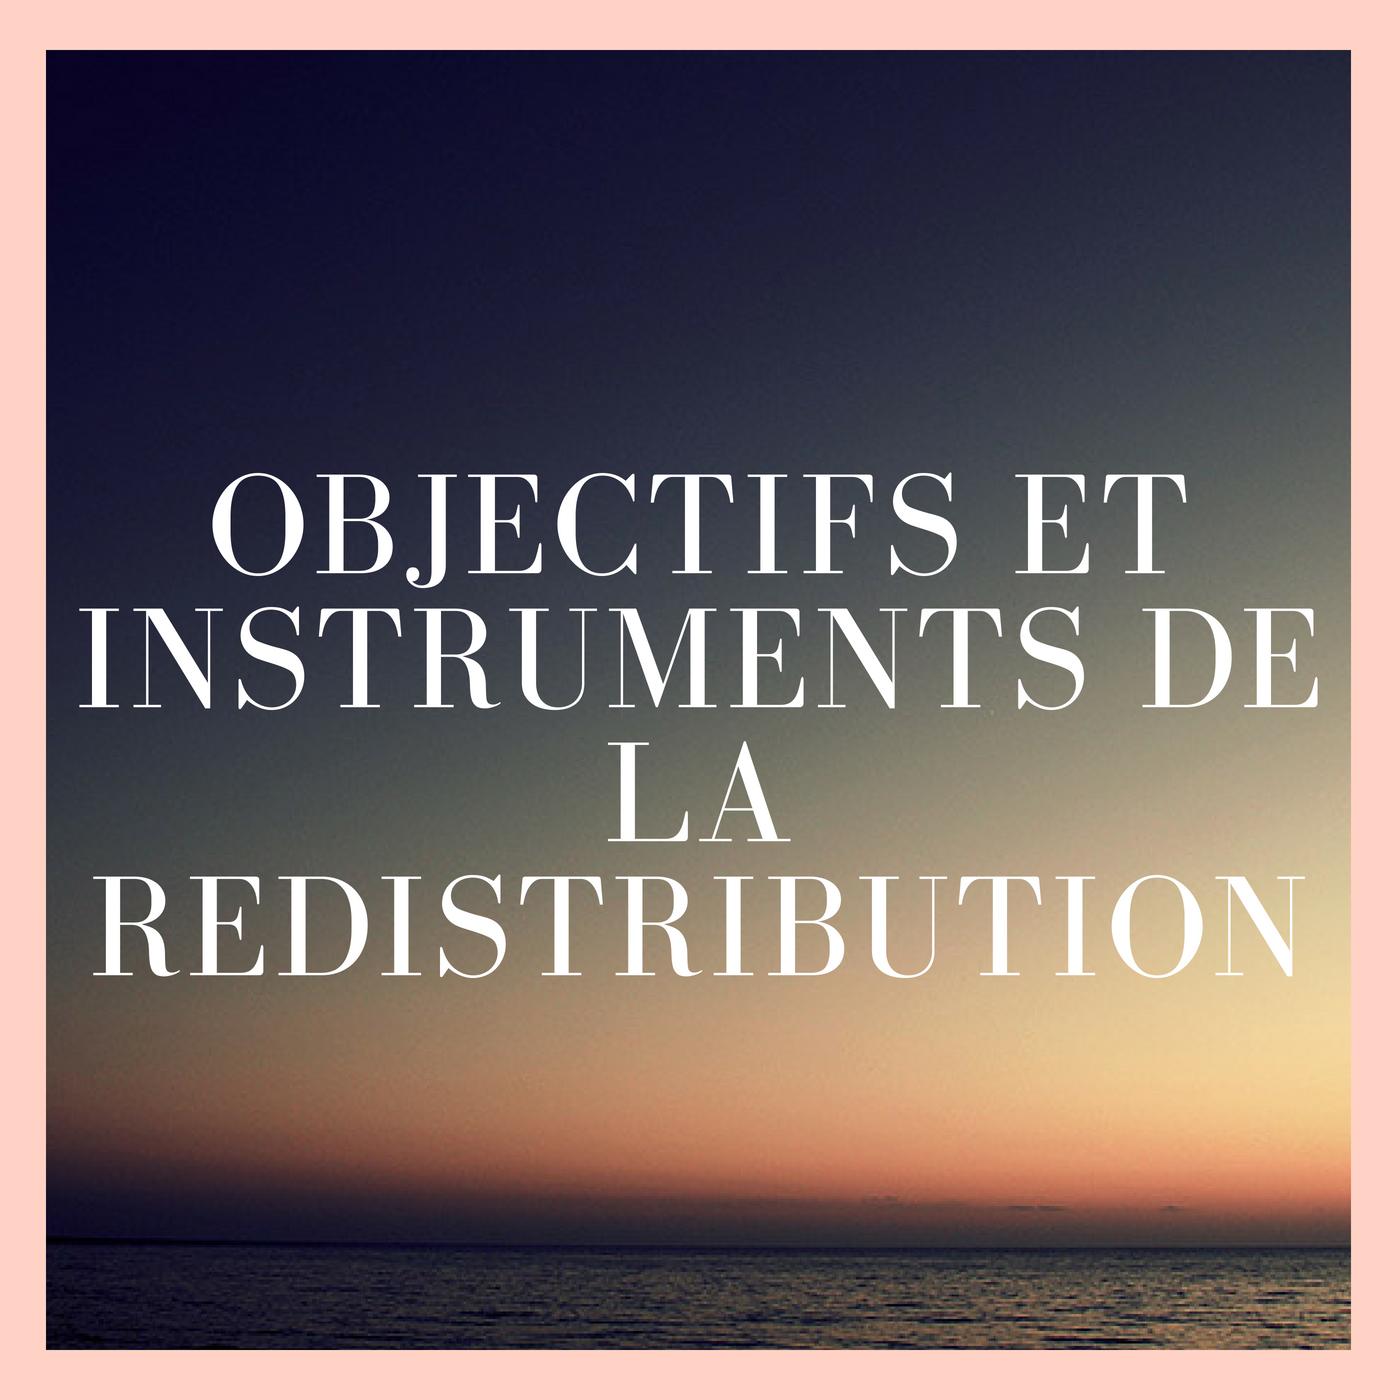 Objectifs et instruments de la redistribution